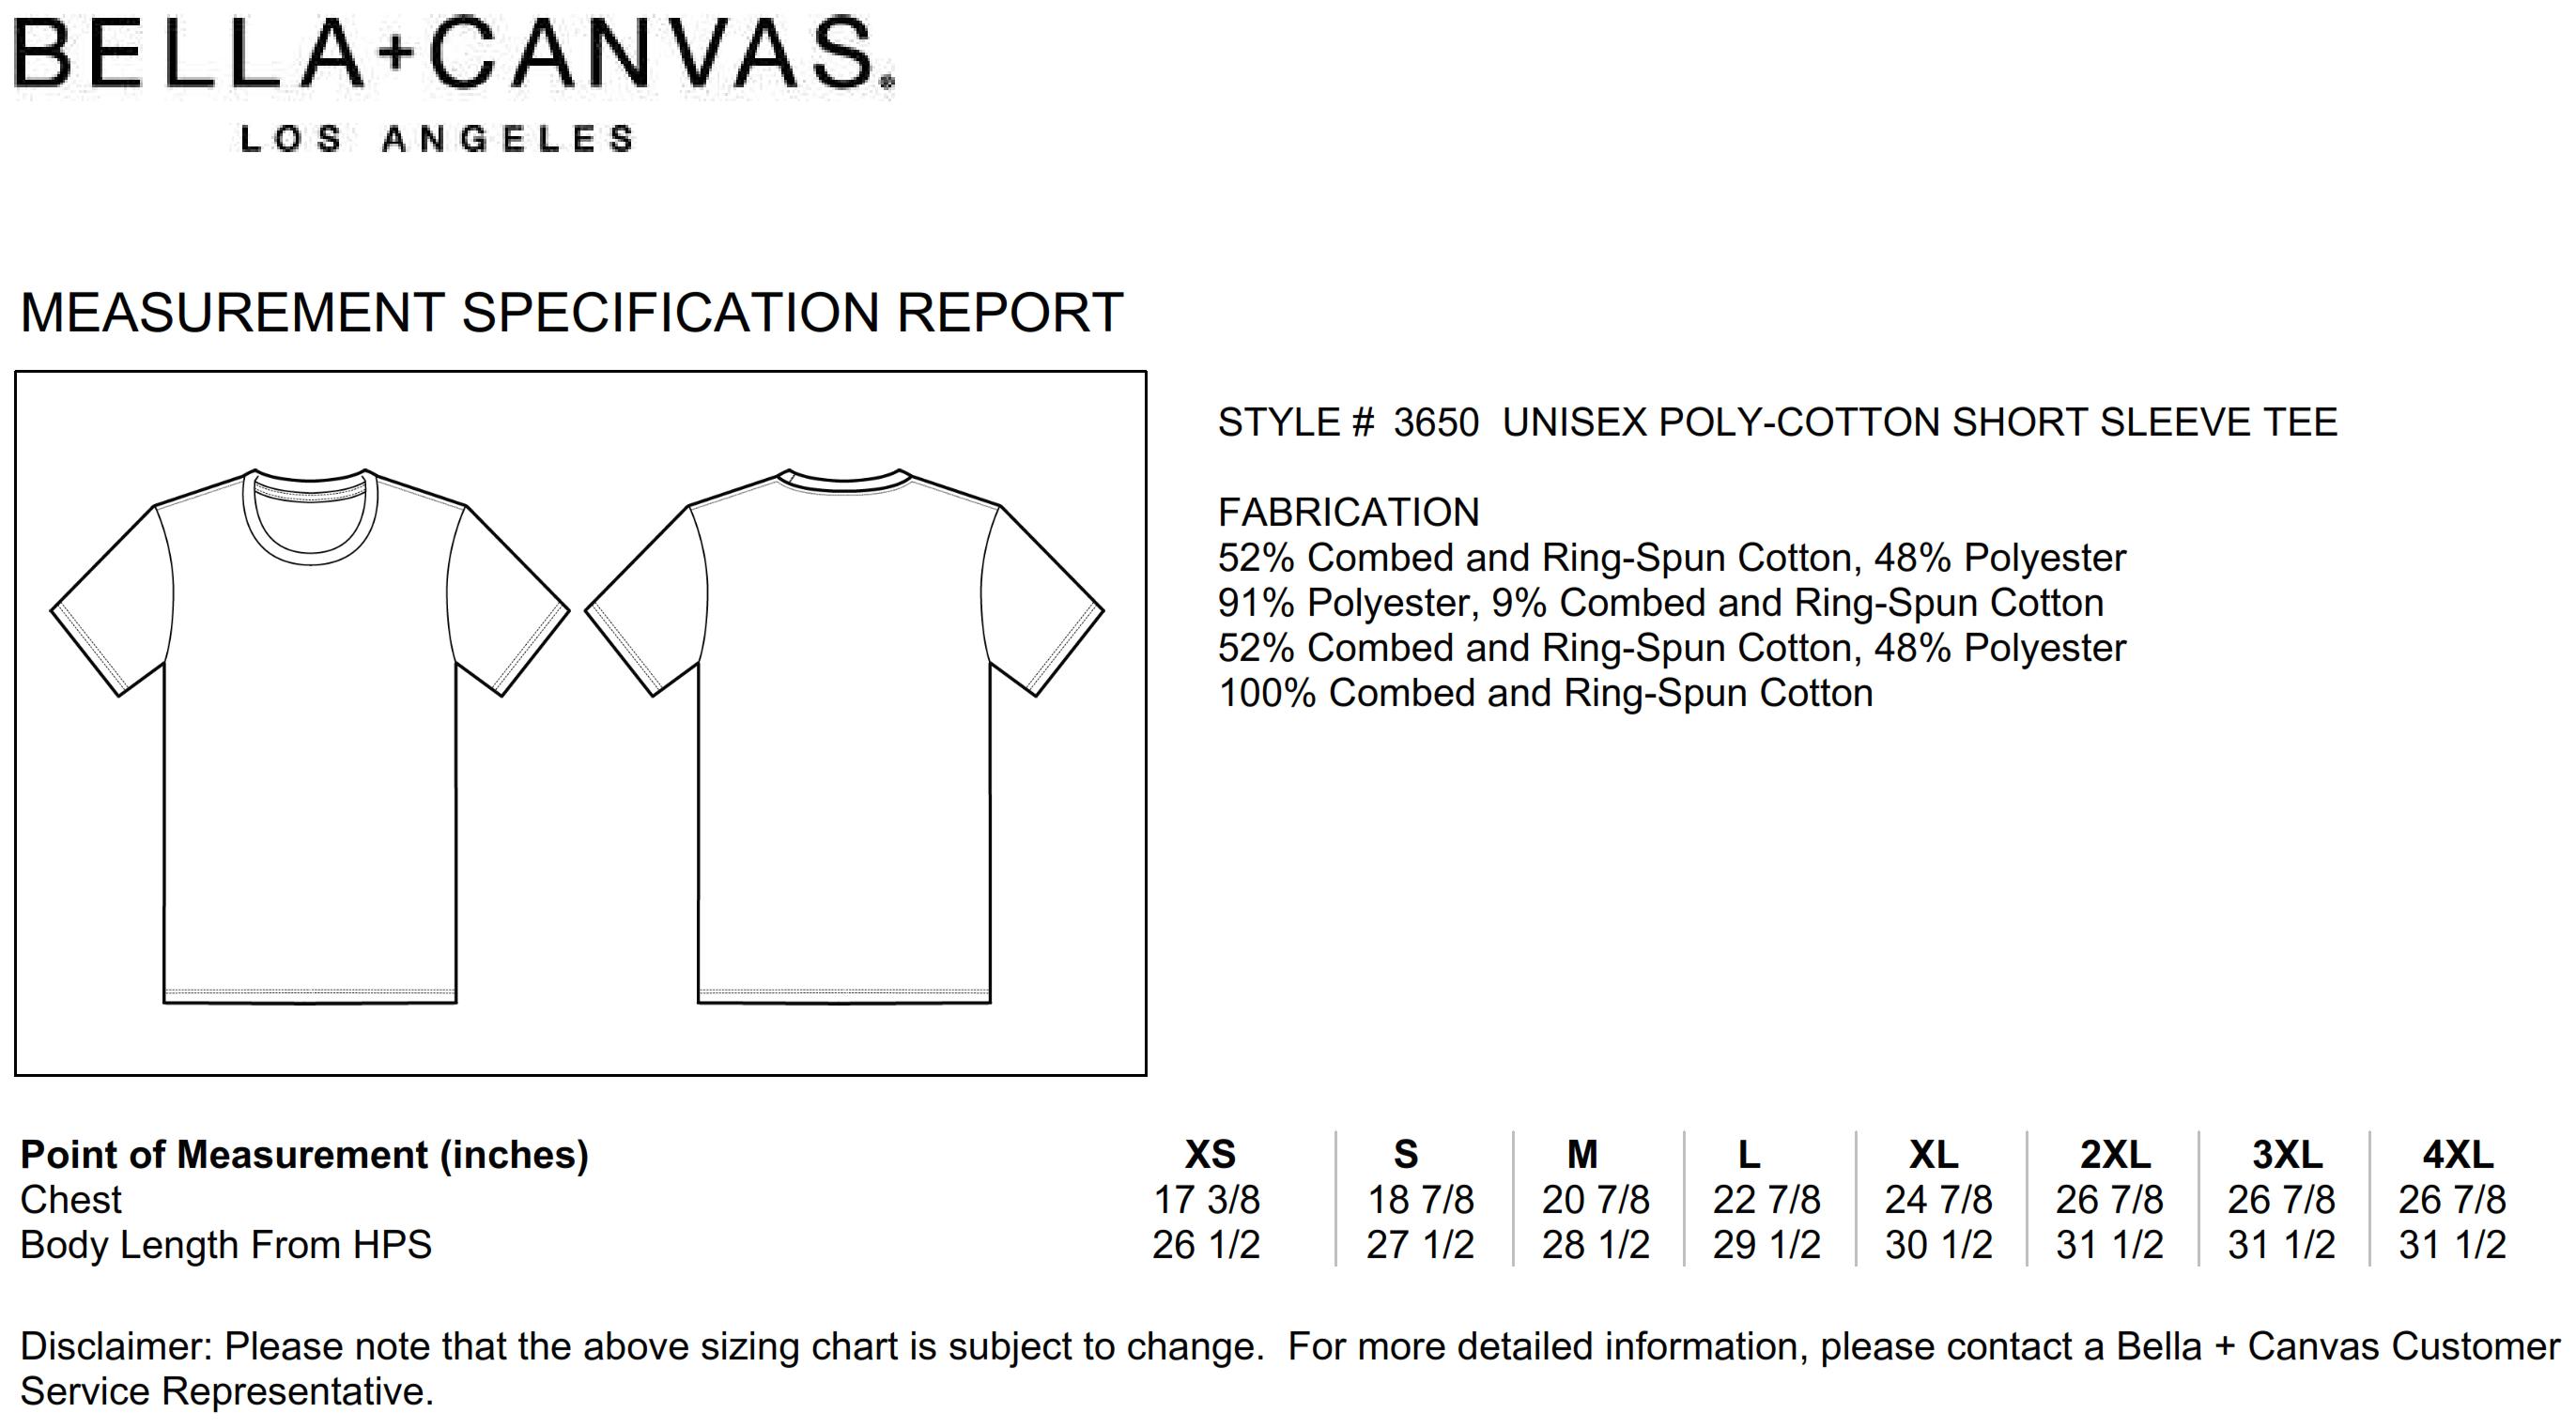 Bella+Canvas: Unisex Poly-Cotton T-Shirt 3650